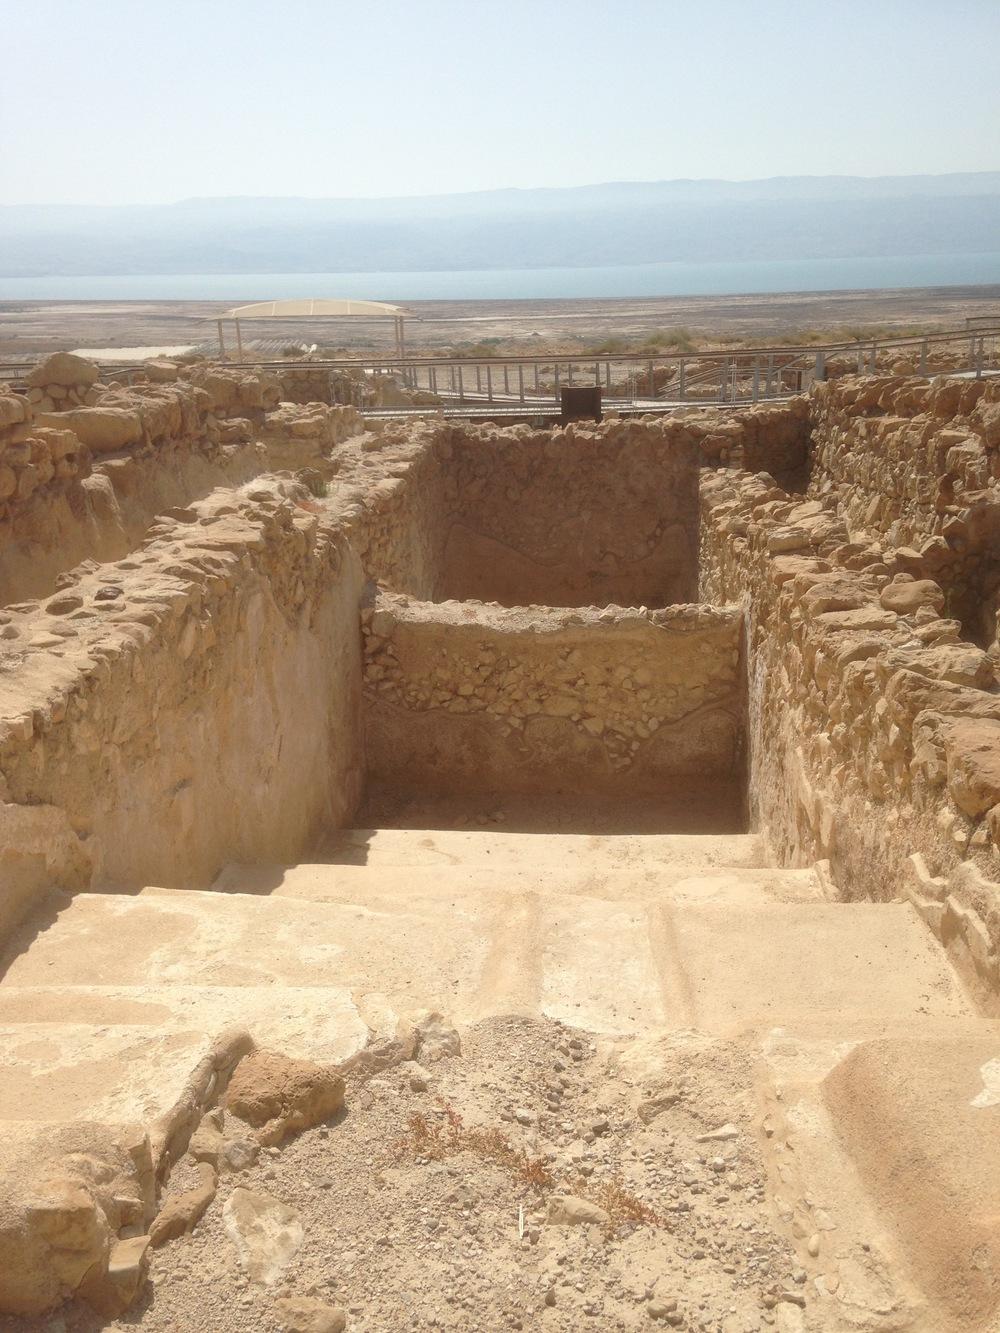 A mikveh at Qumran